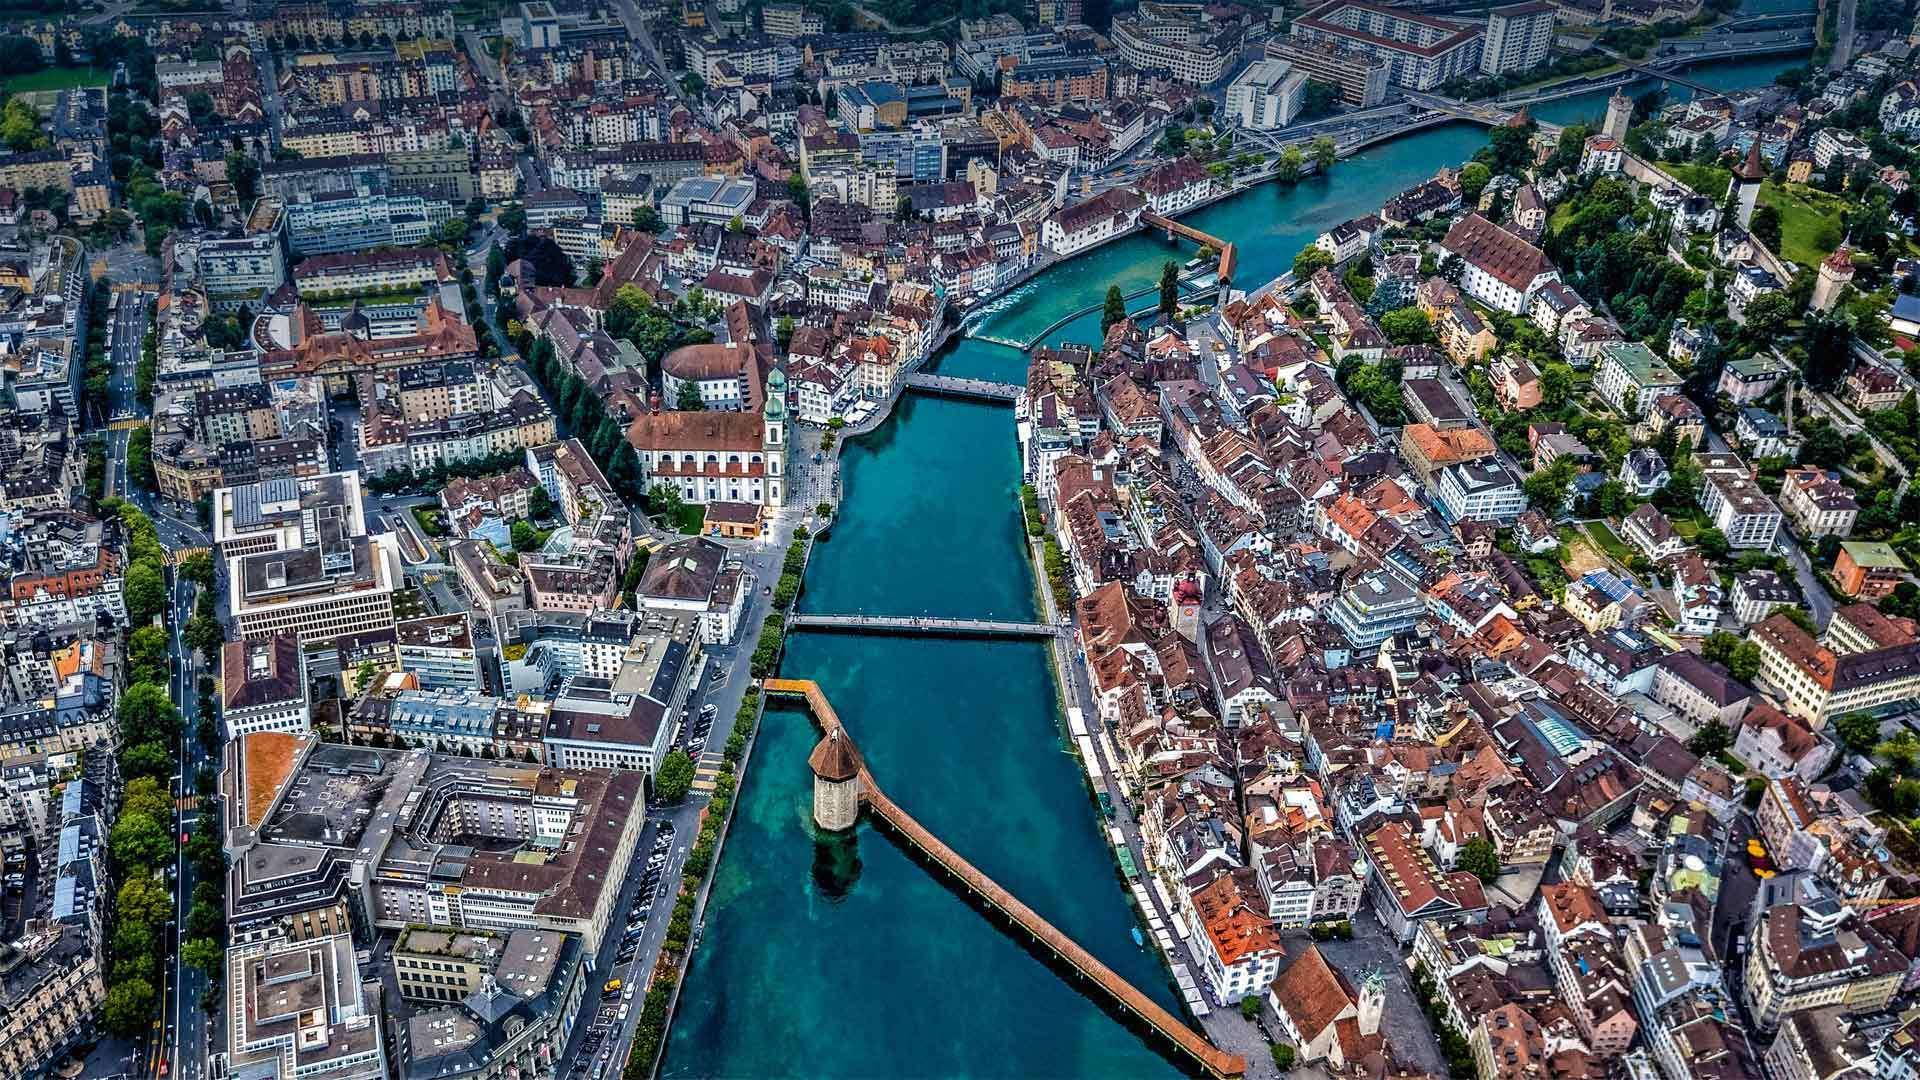 俯瞰瑞士卢塞恩的罗伊斯河上的Chapel教堂桥Chapel